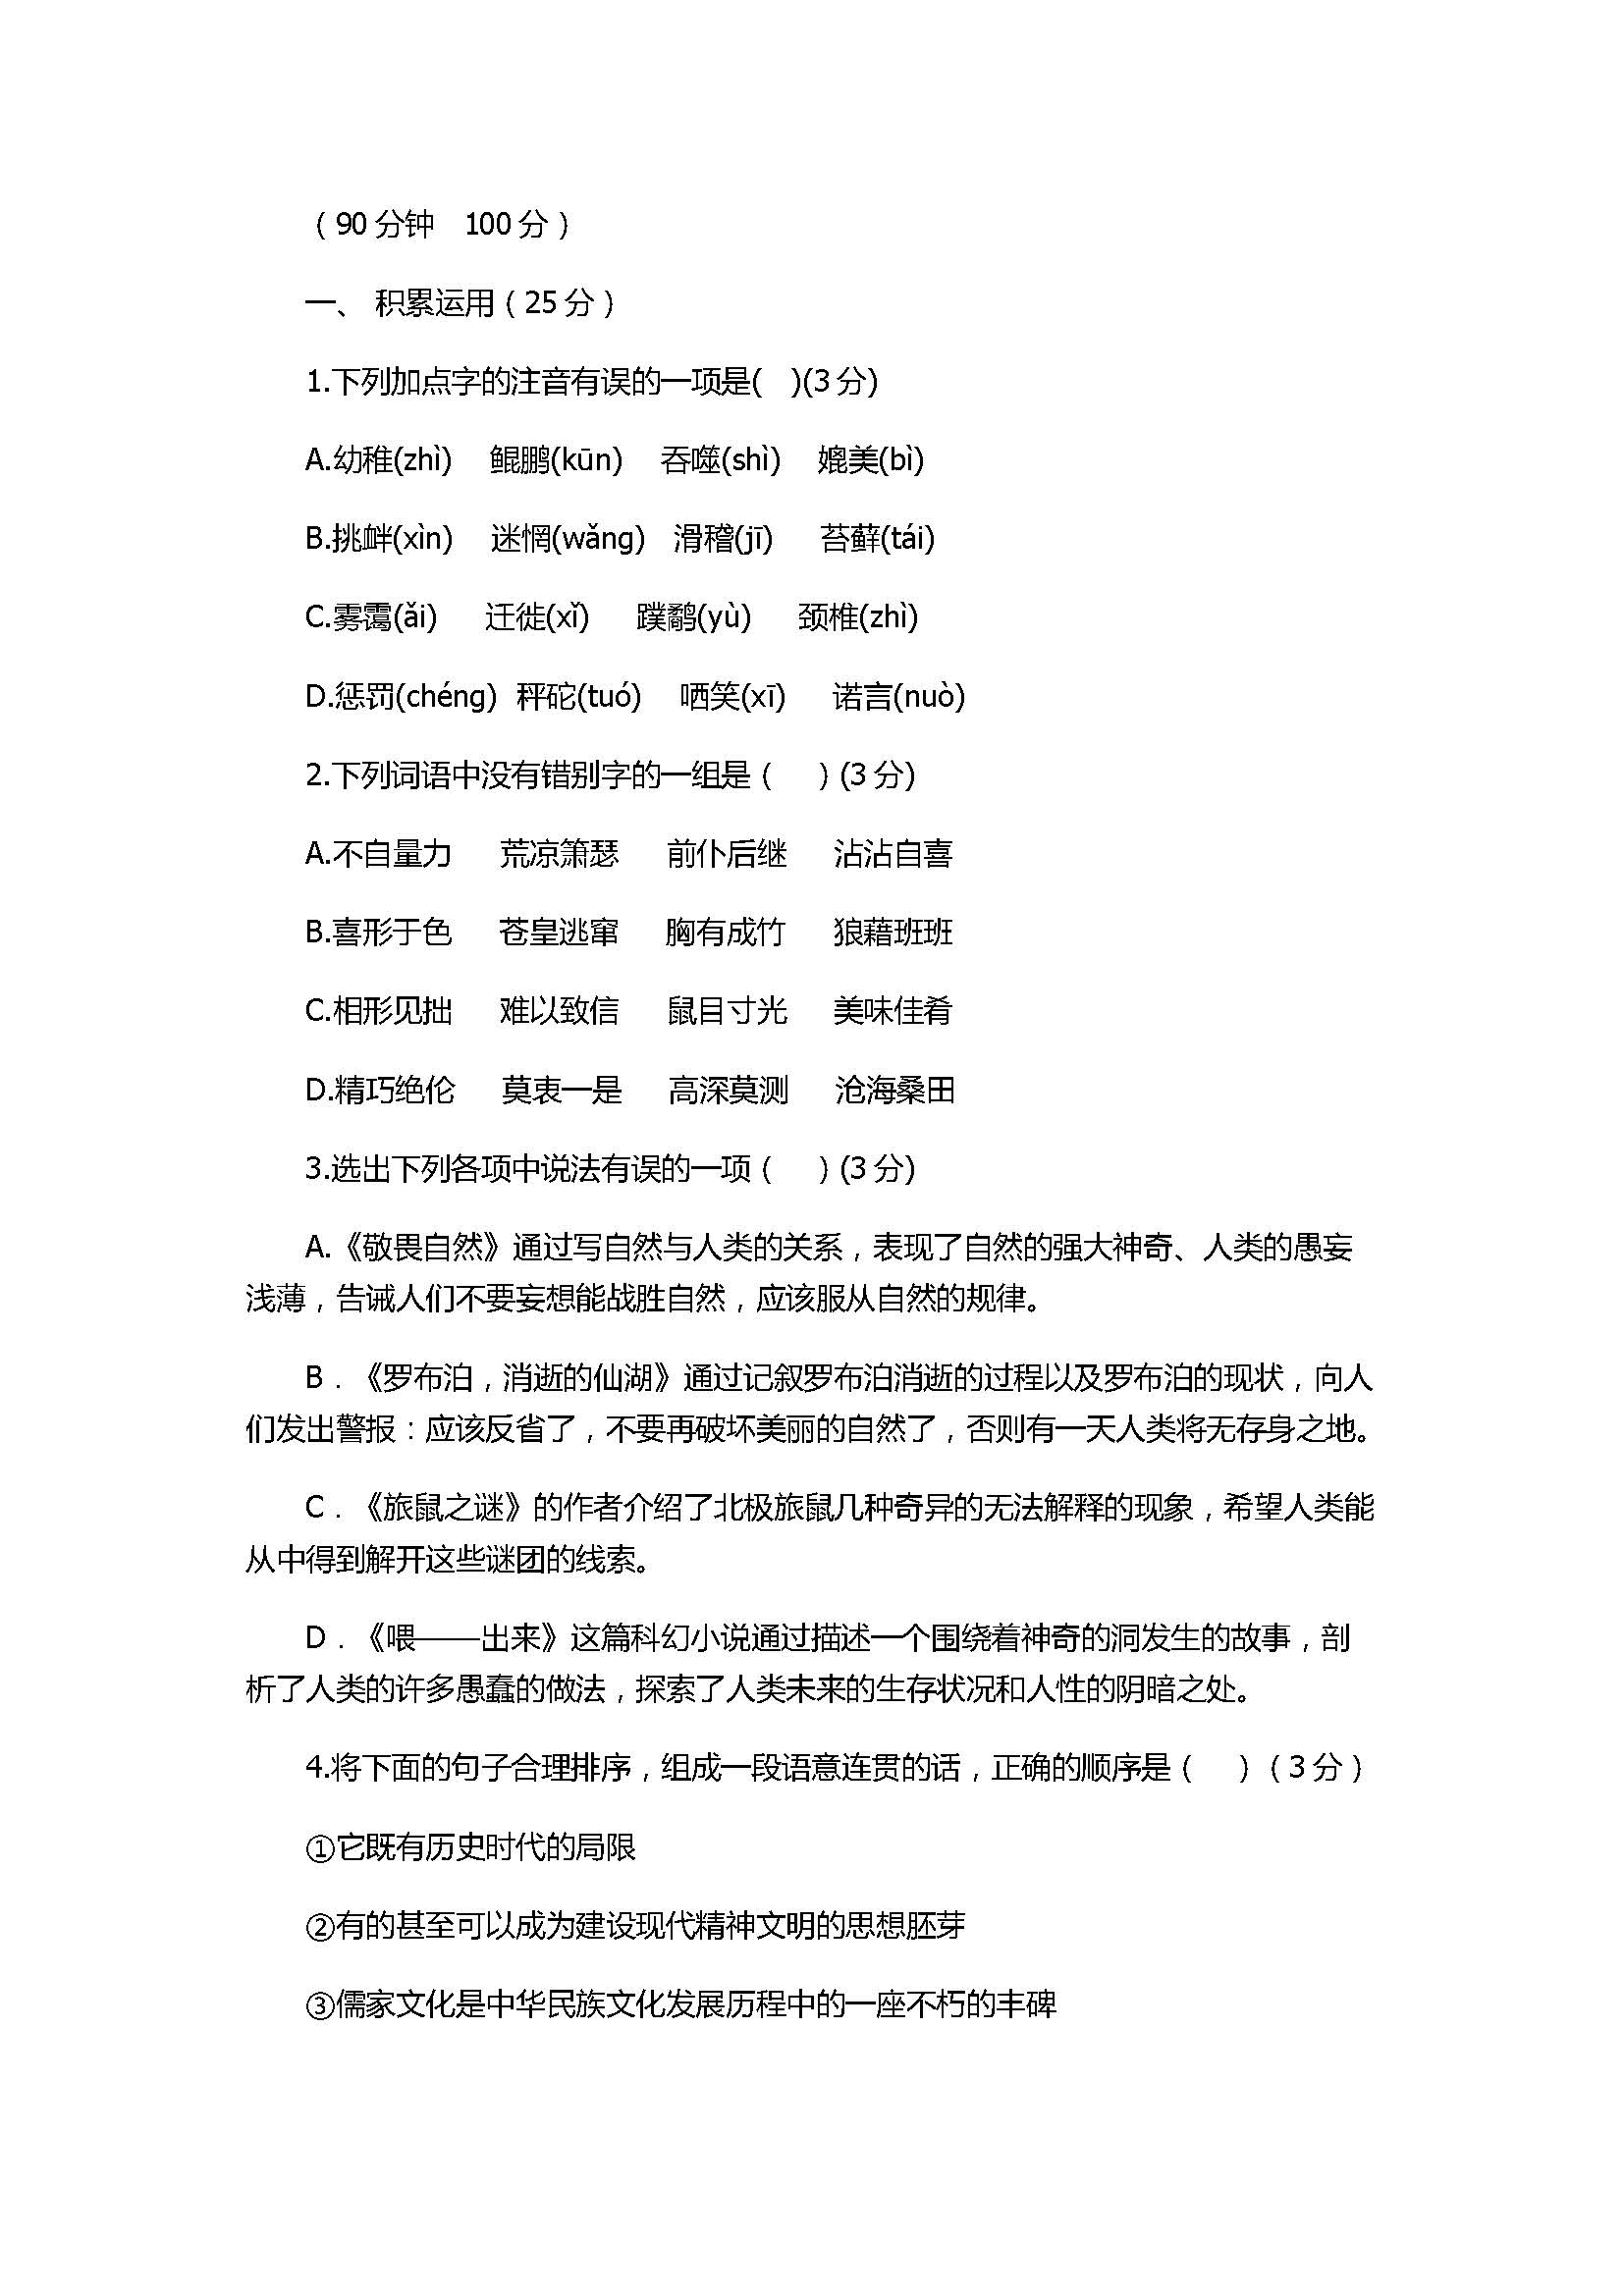 2017初二年级语文下册第三单元测试题附答案(人教版)